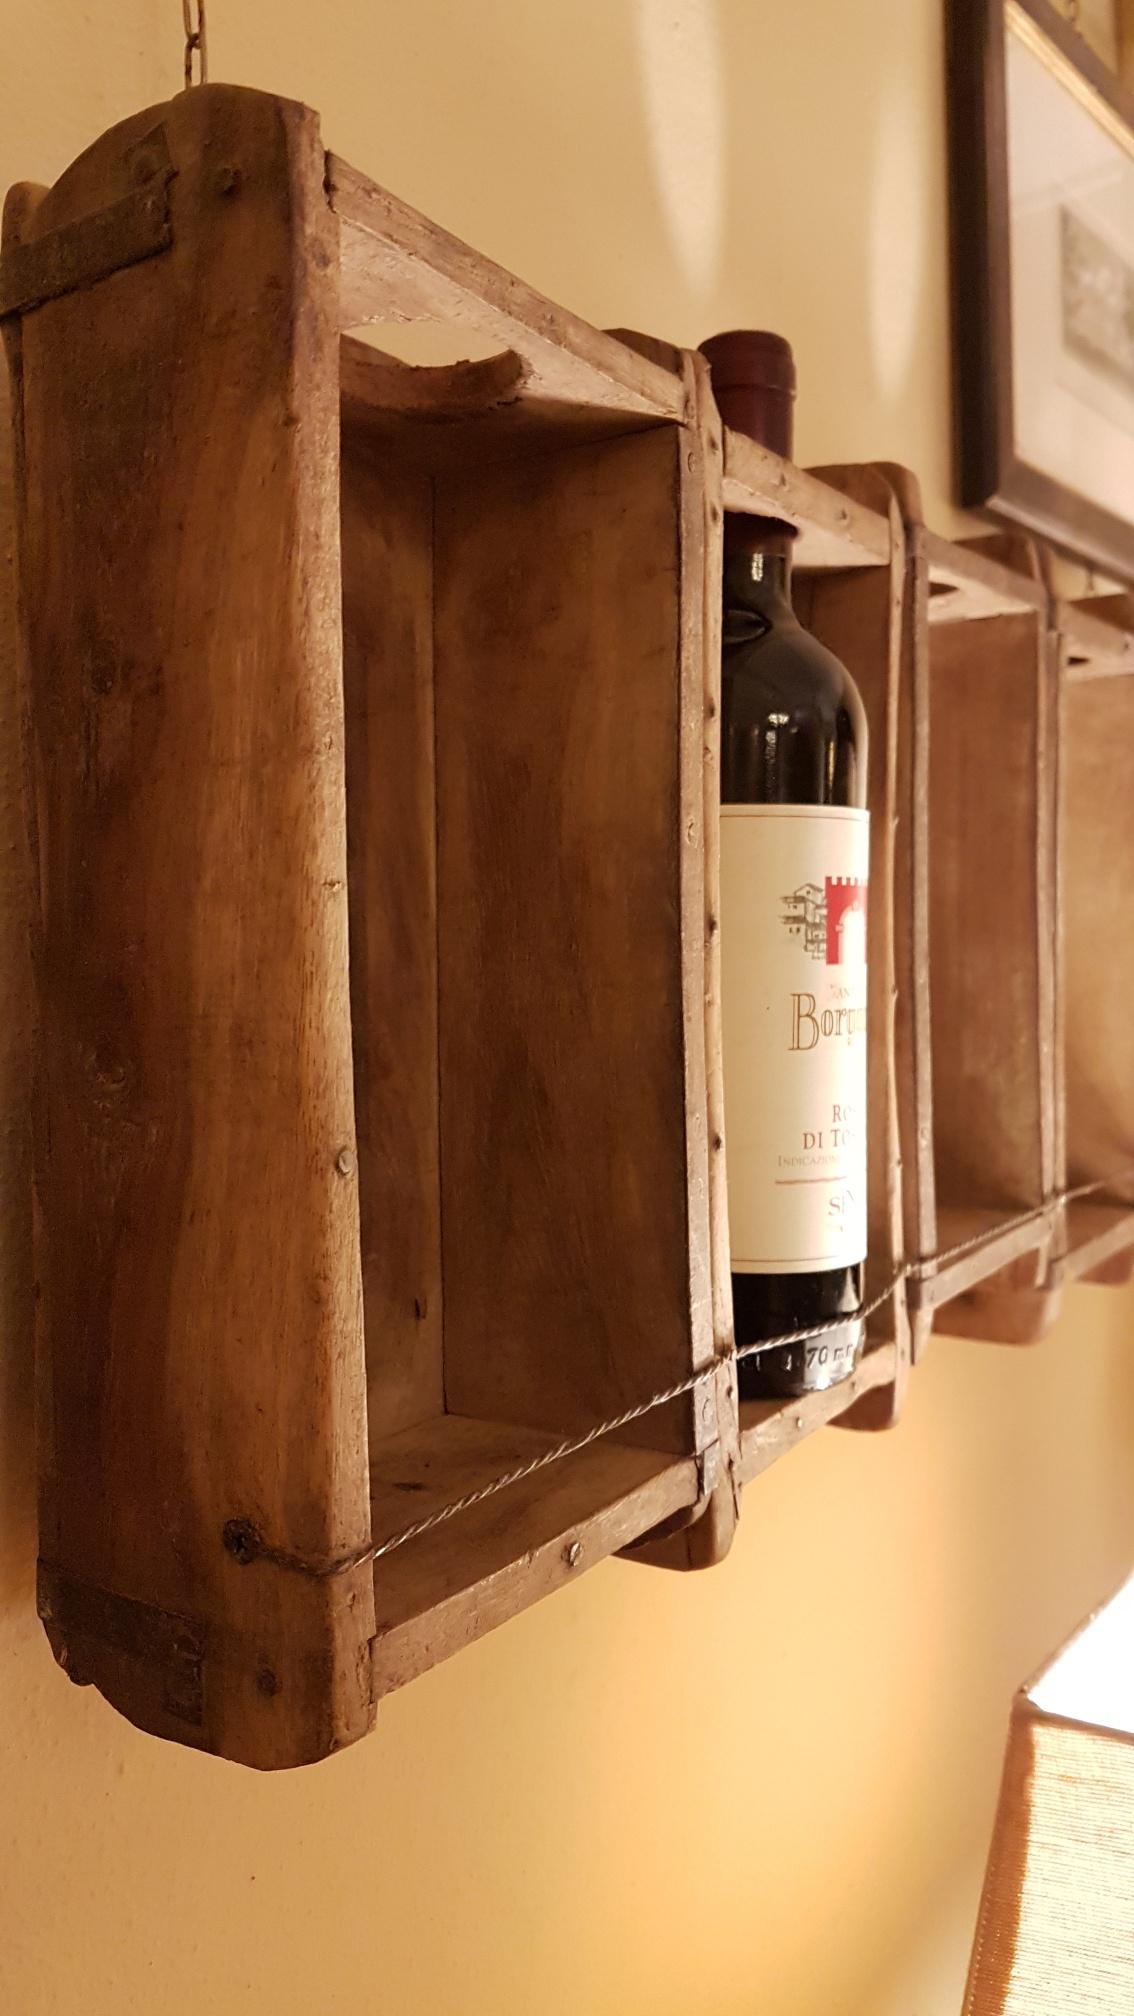 Arredamento contemporaneo mobili country su misura siena firenze pannello porta bottiglie - Porta bottiglie ...